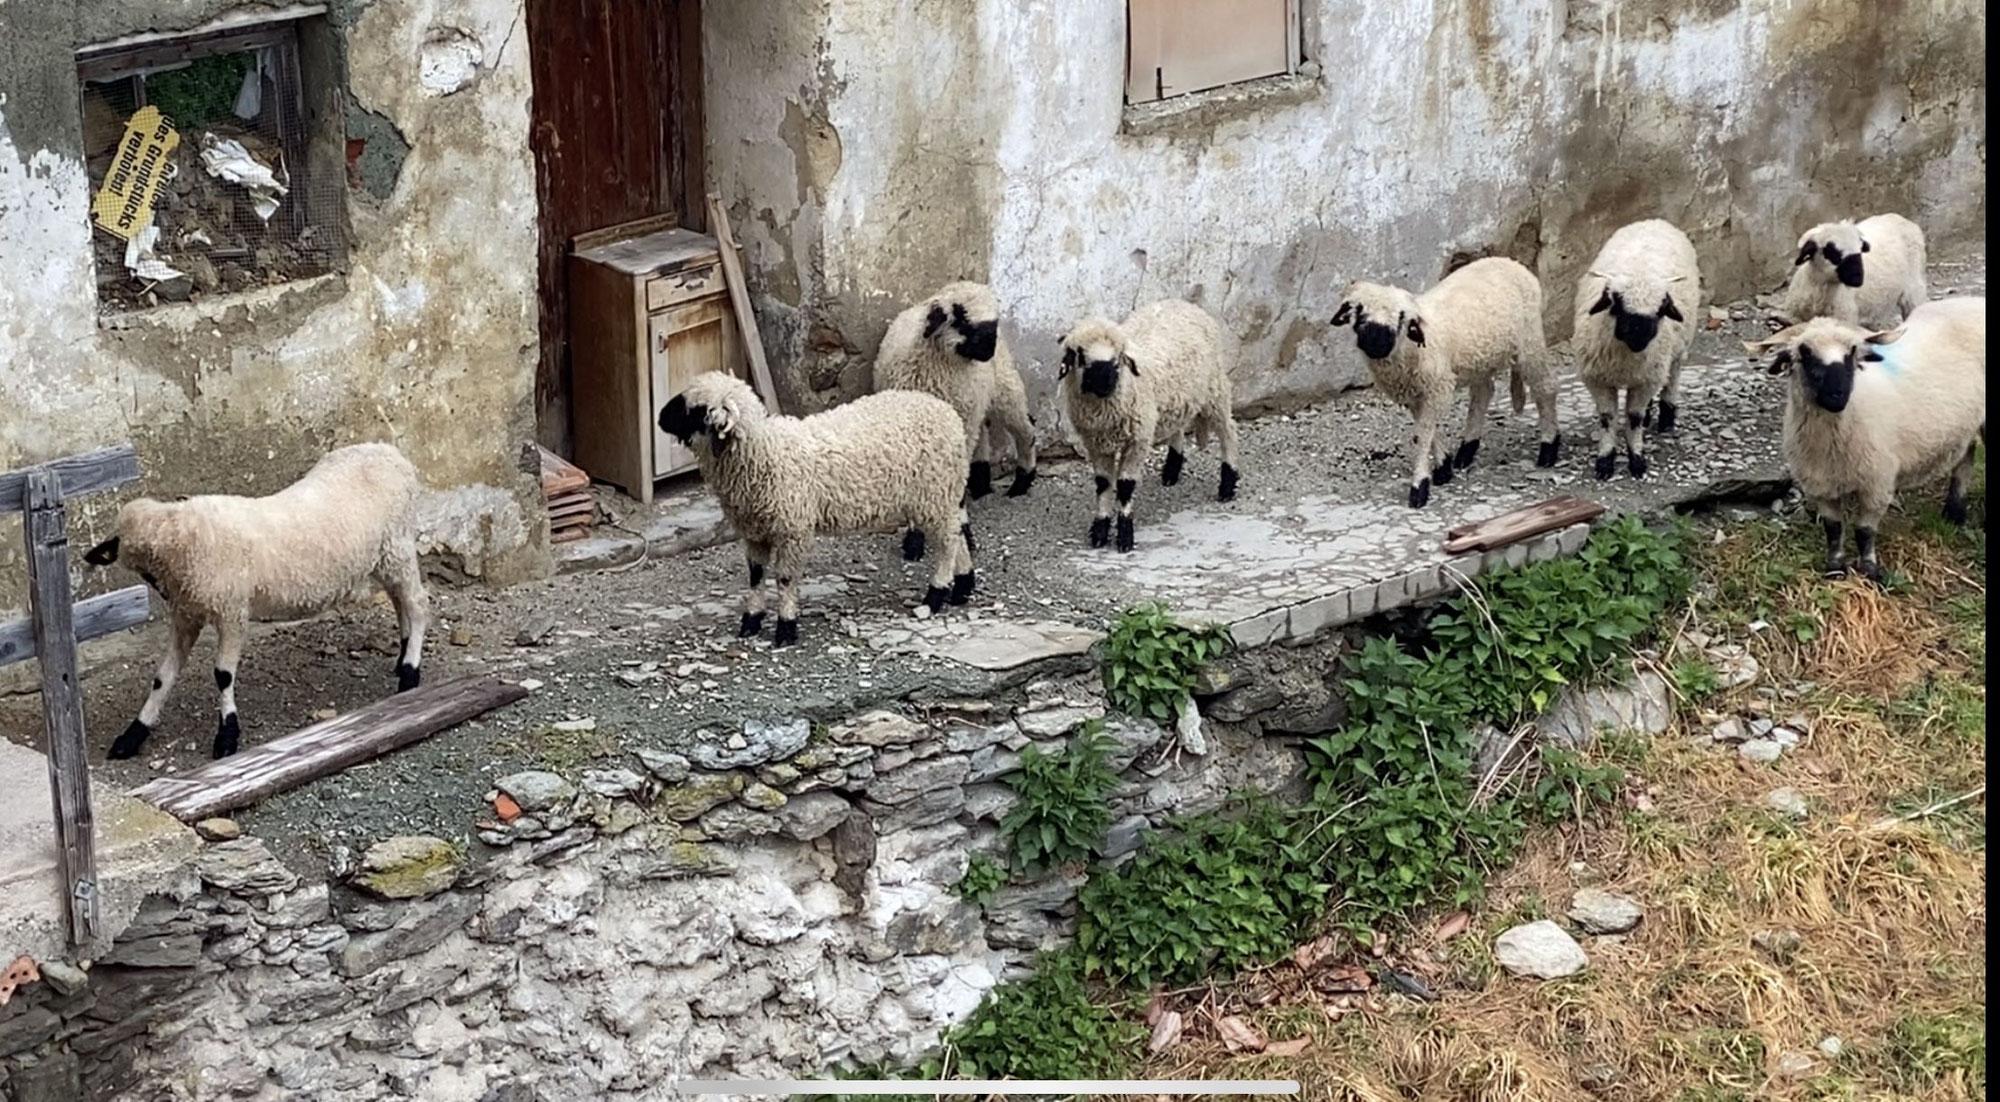 Unsere kleine Herde